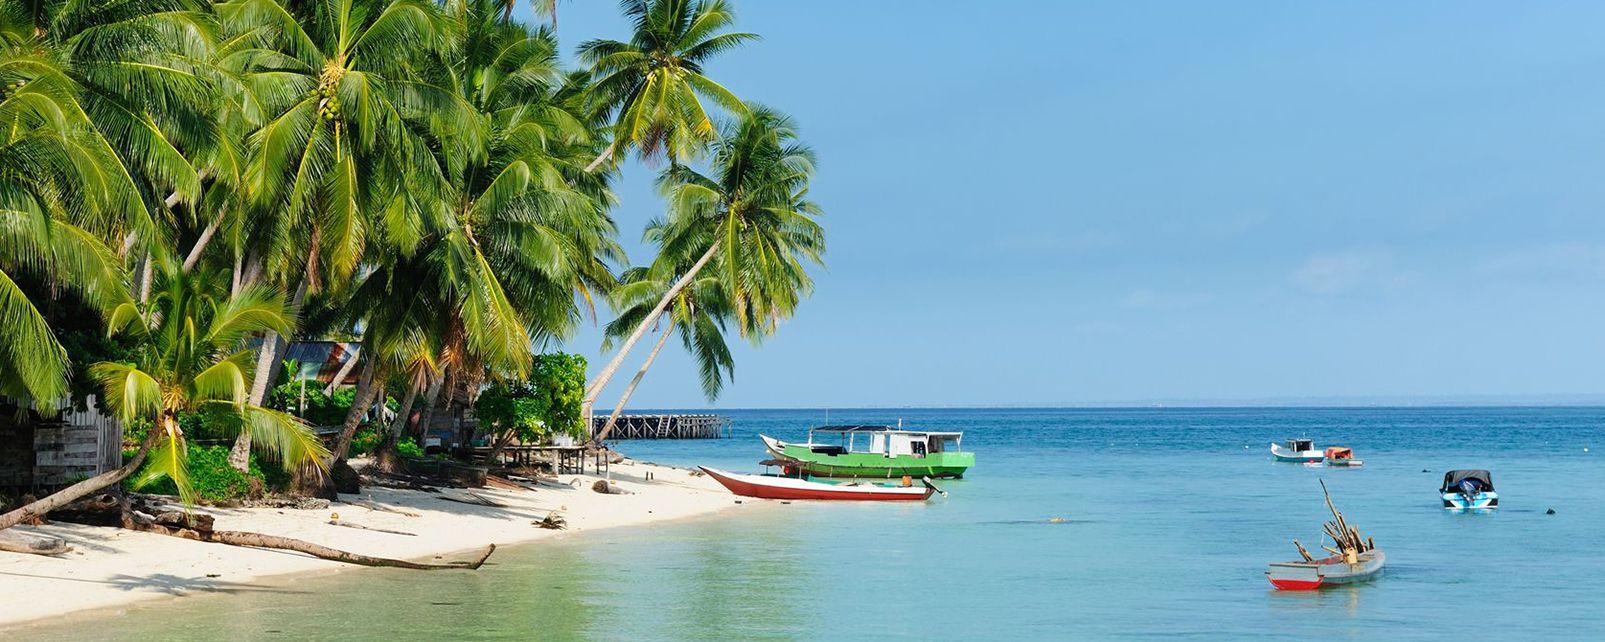 Les côtes, Asie, indonesie, sangalakki, sangalaki, célèbes, derawan, archipel, île, ile, kalimantan, mer